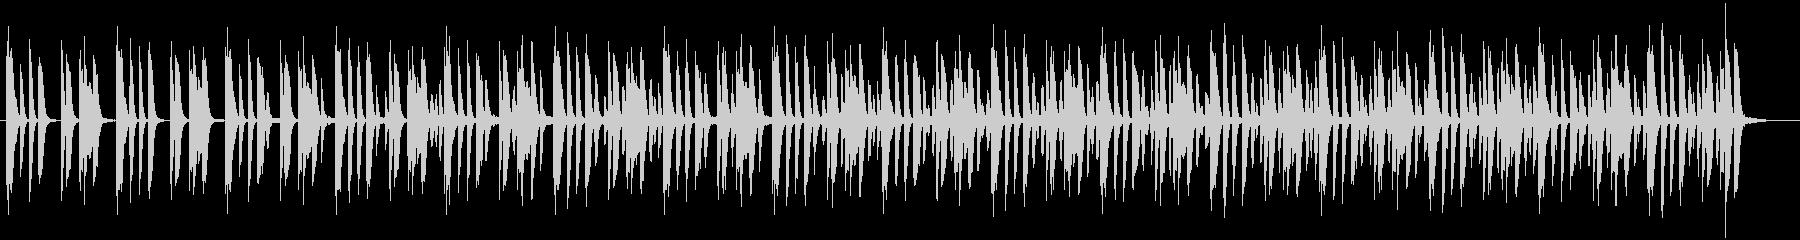 日常会話シーン・ピアノの未再生の波形